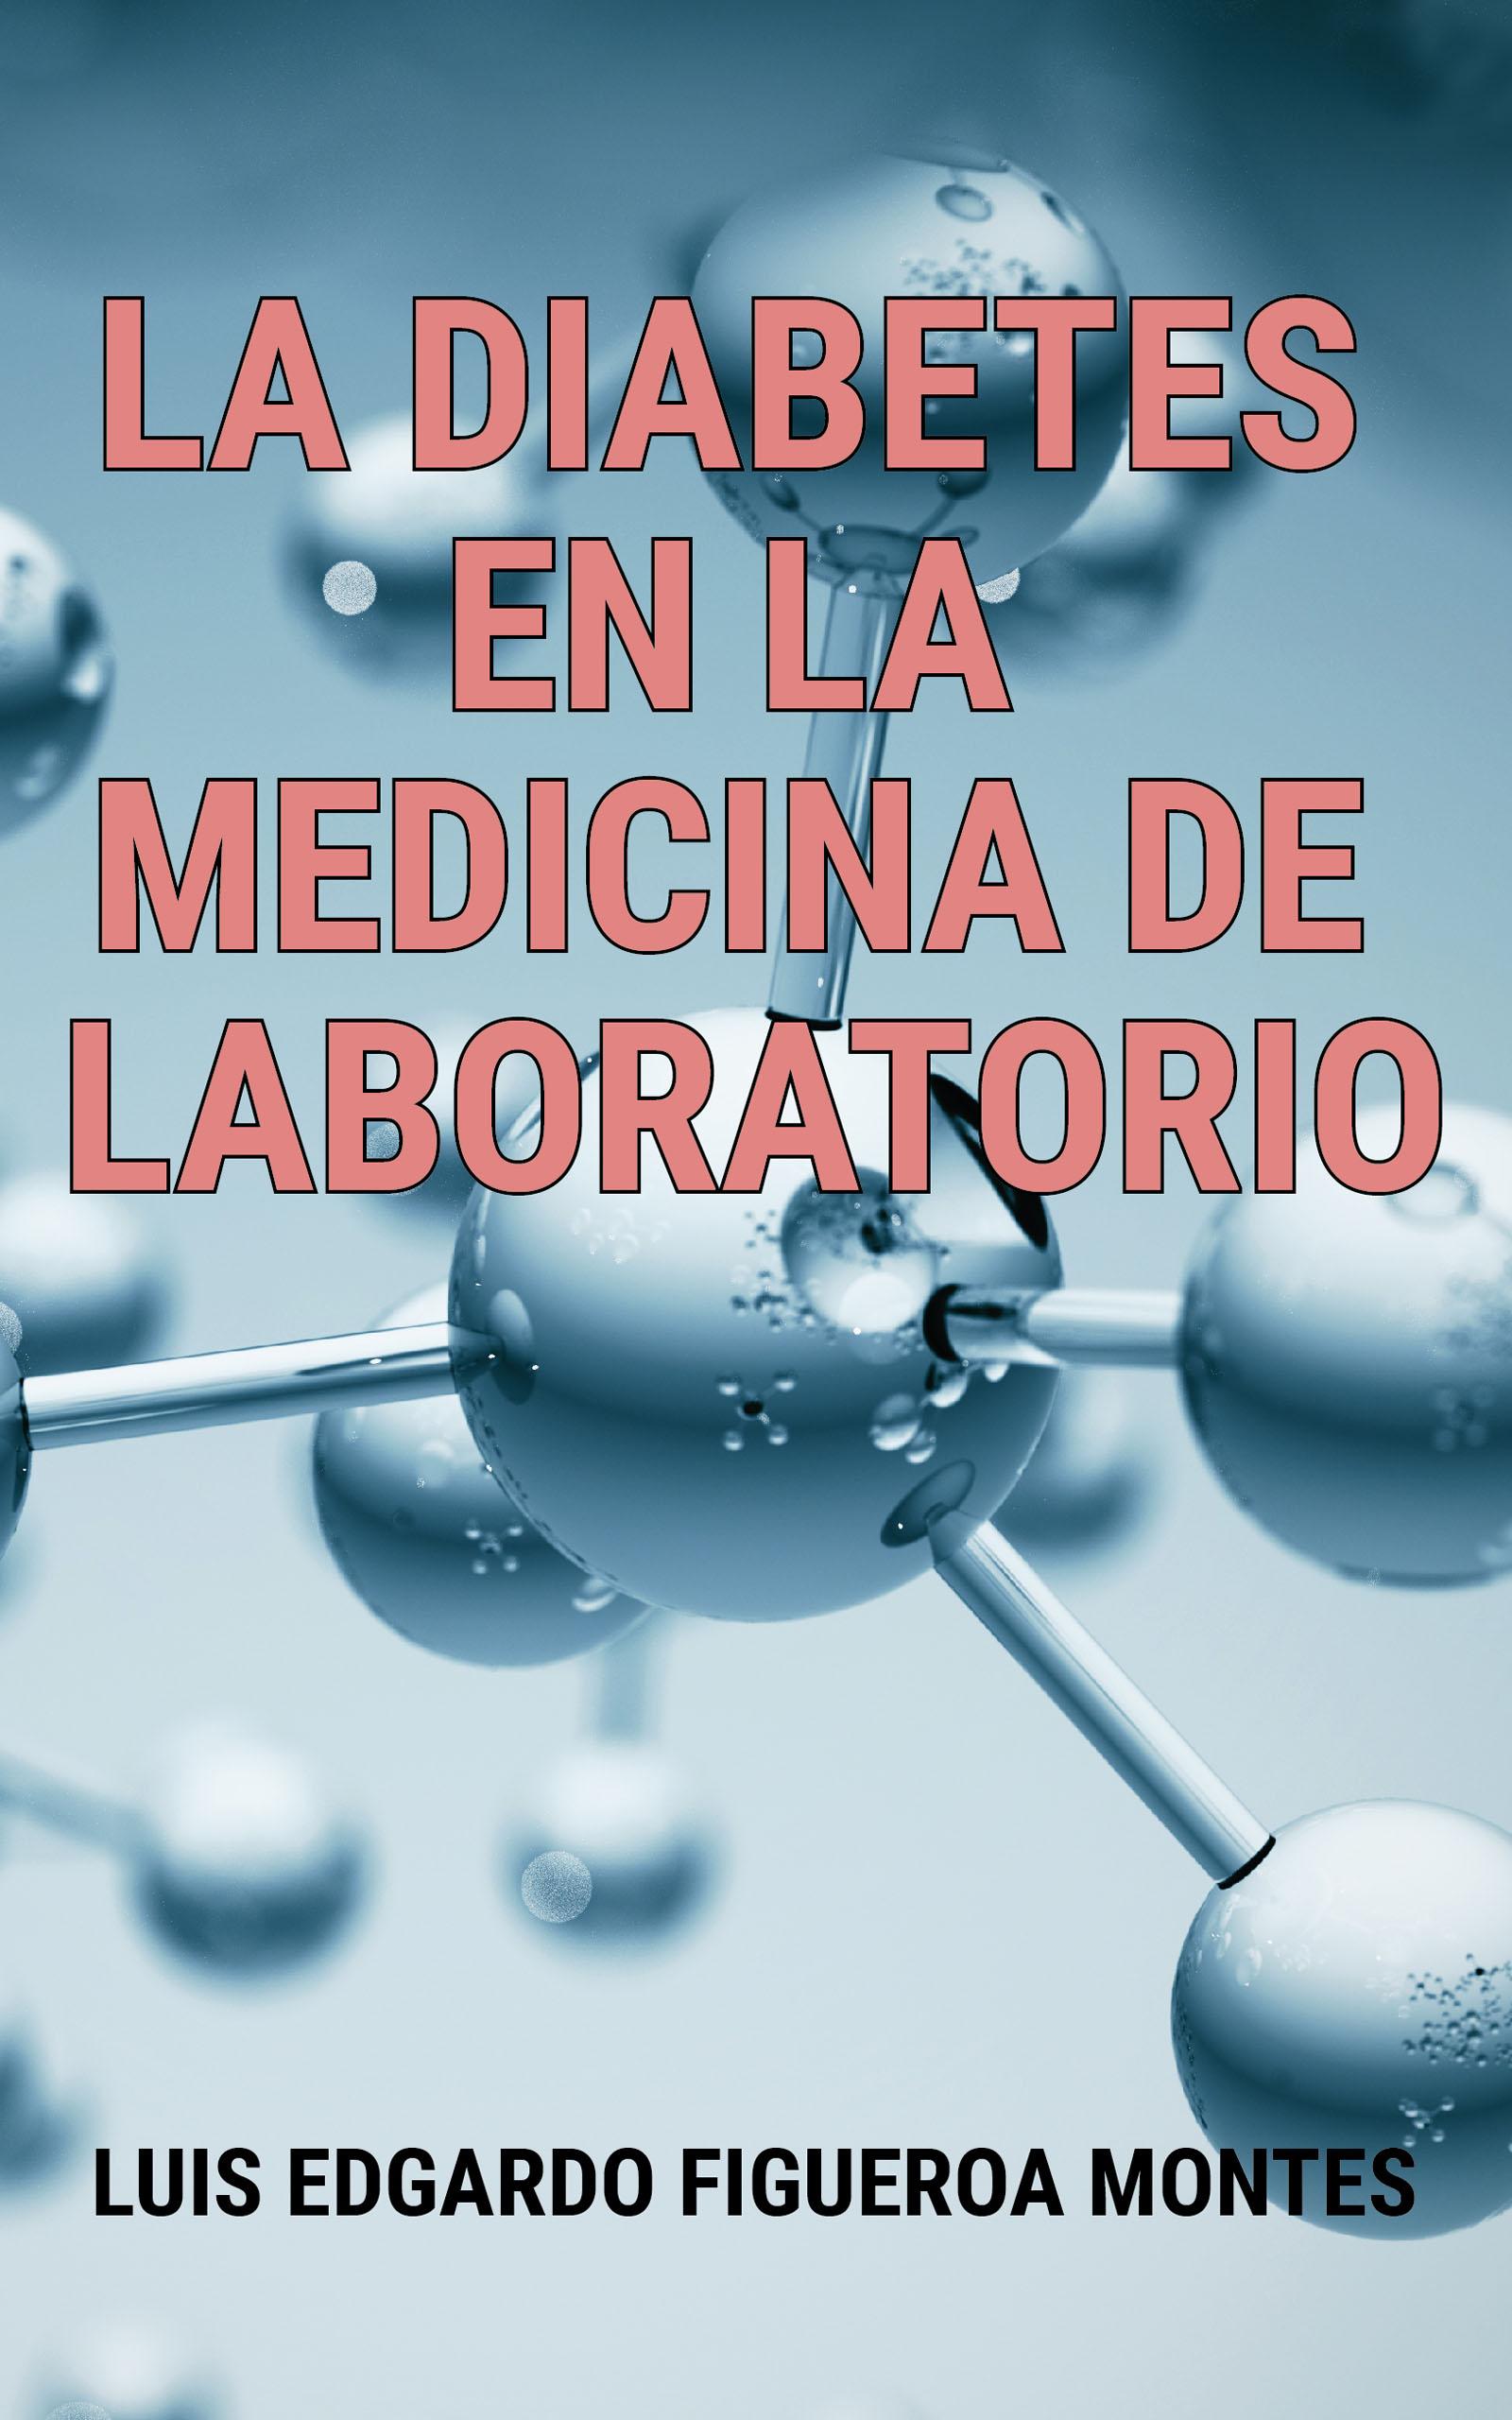 Diabetes en la medicina de laboratorio